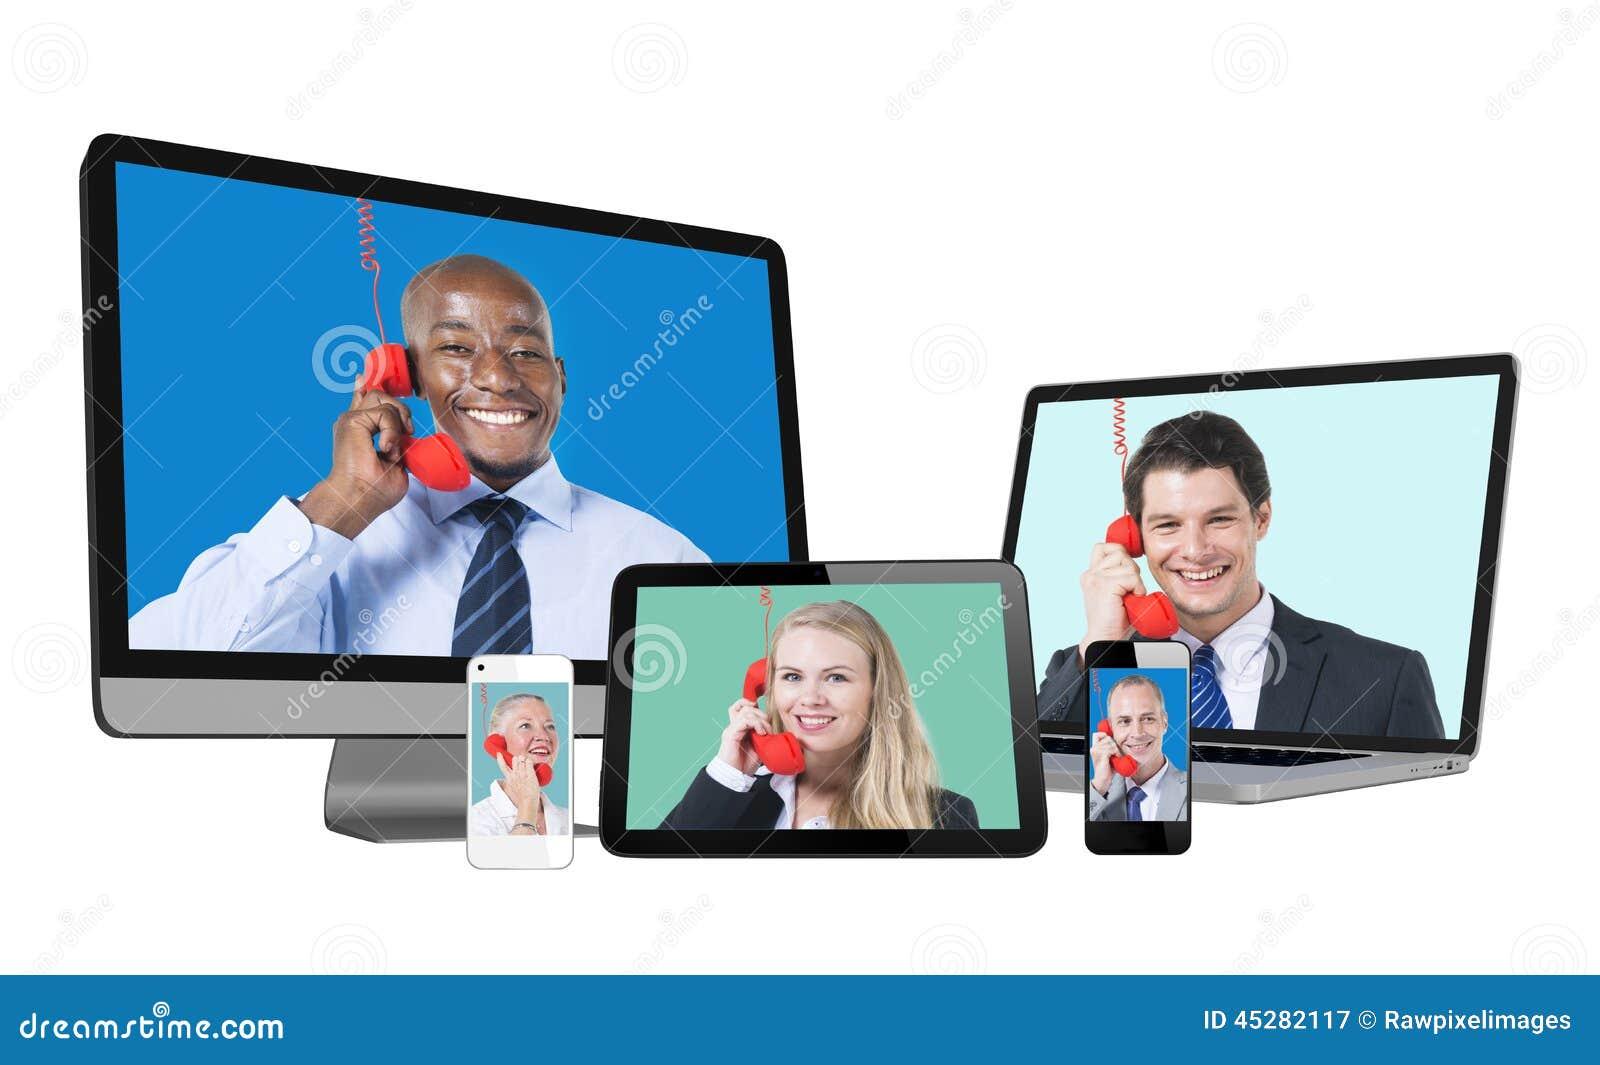 Portretten van Diverse Mensen op het Digitale Apparatenscherm